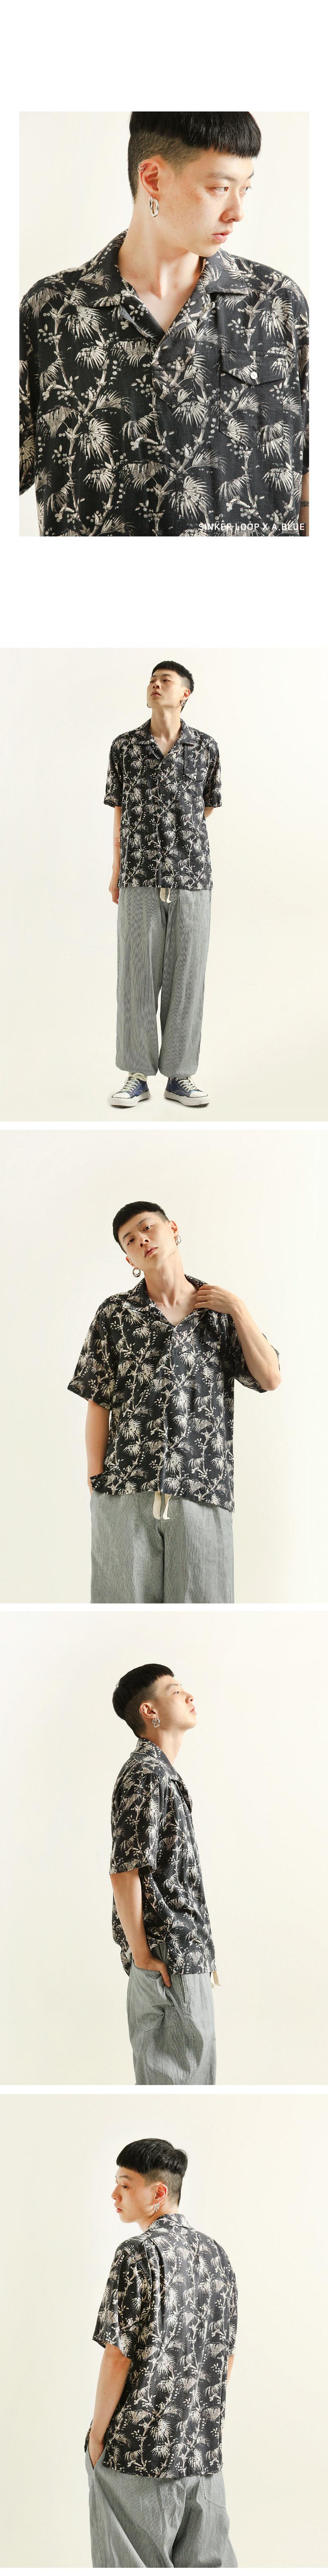 싱커루프(SINKERLOOP) 몰디브 모히토 티셔츠 아이보리